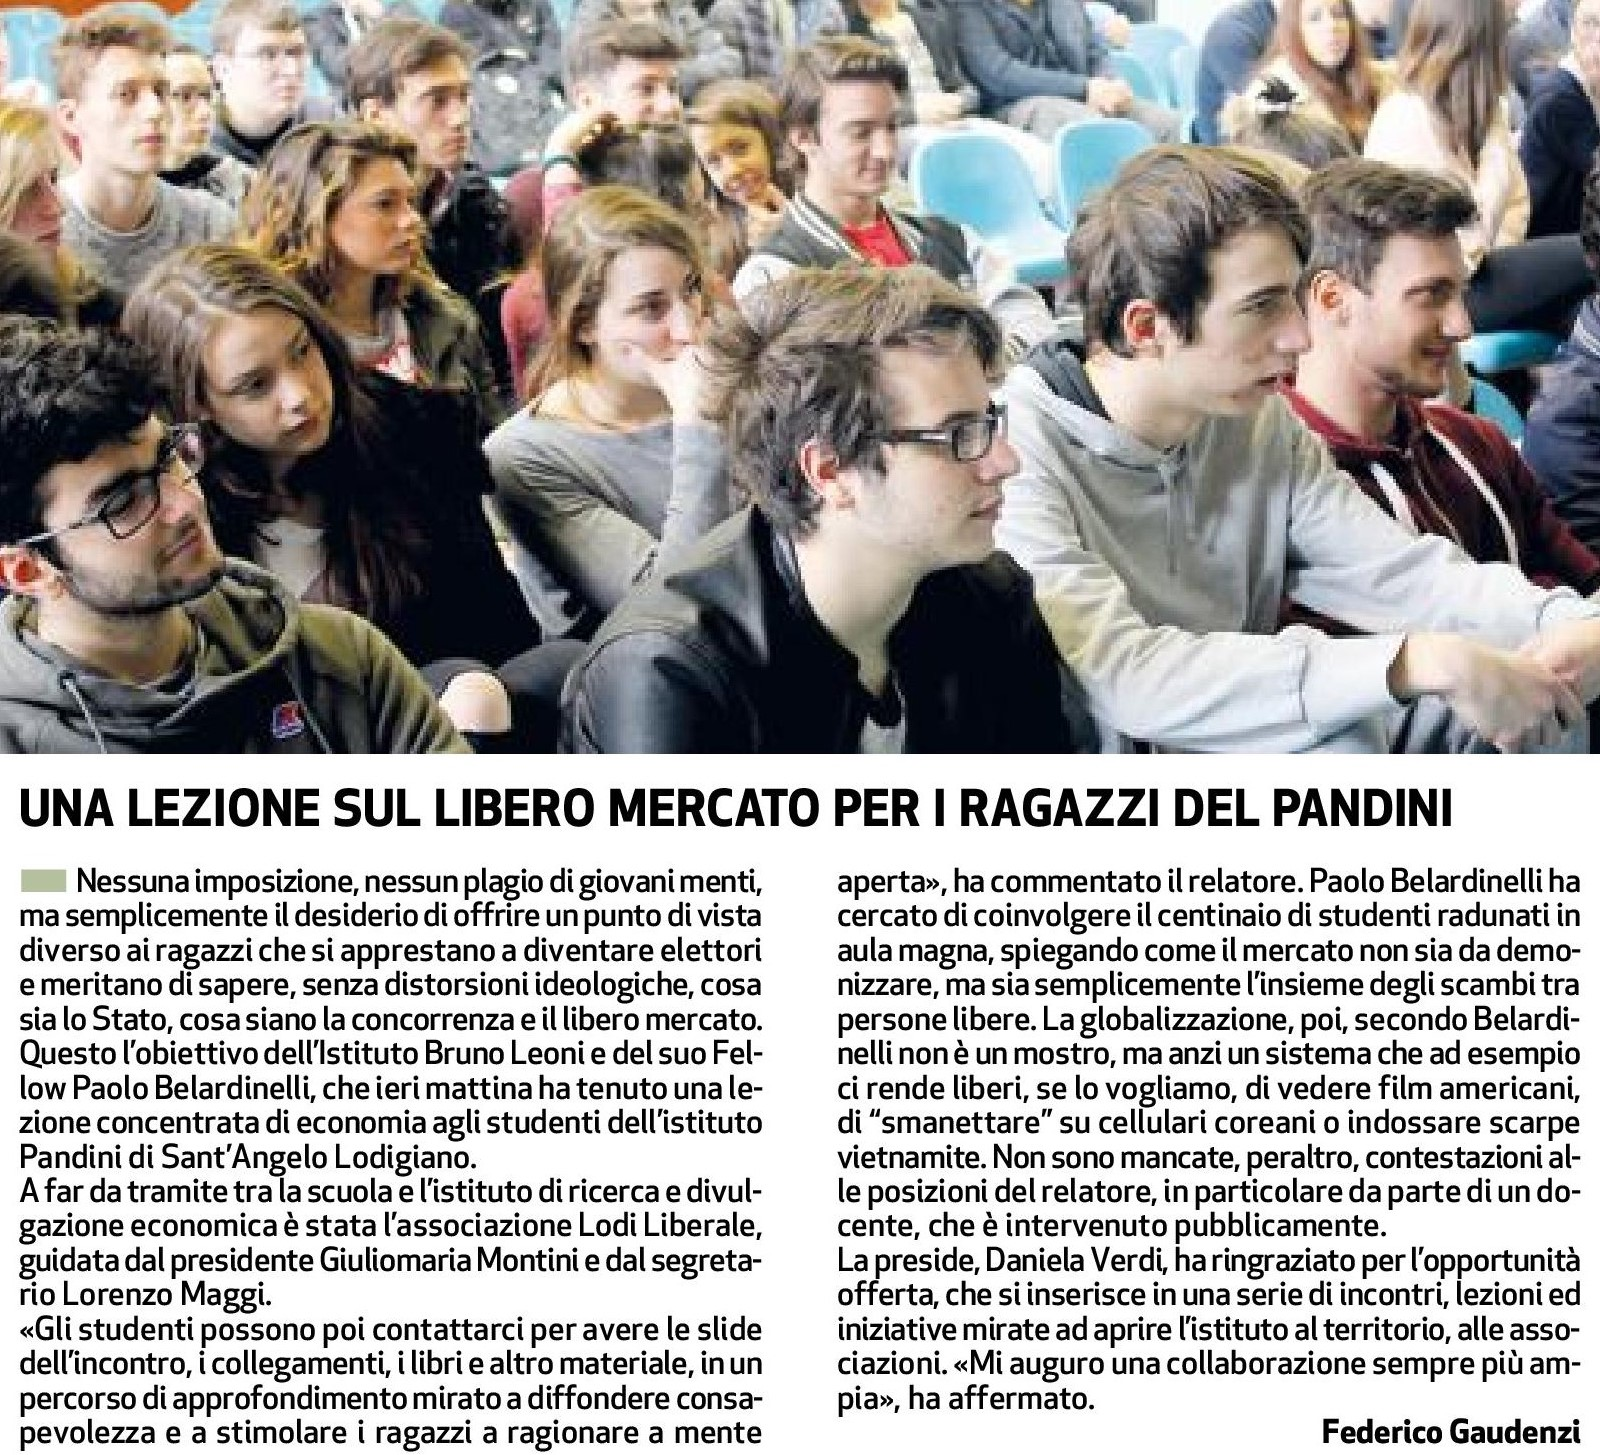 Associazione Lodi Liberale - Progetto Ibl nelle scuole Pandini Sant'Angelo Lodigiano